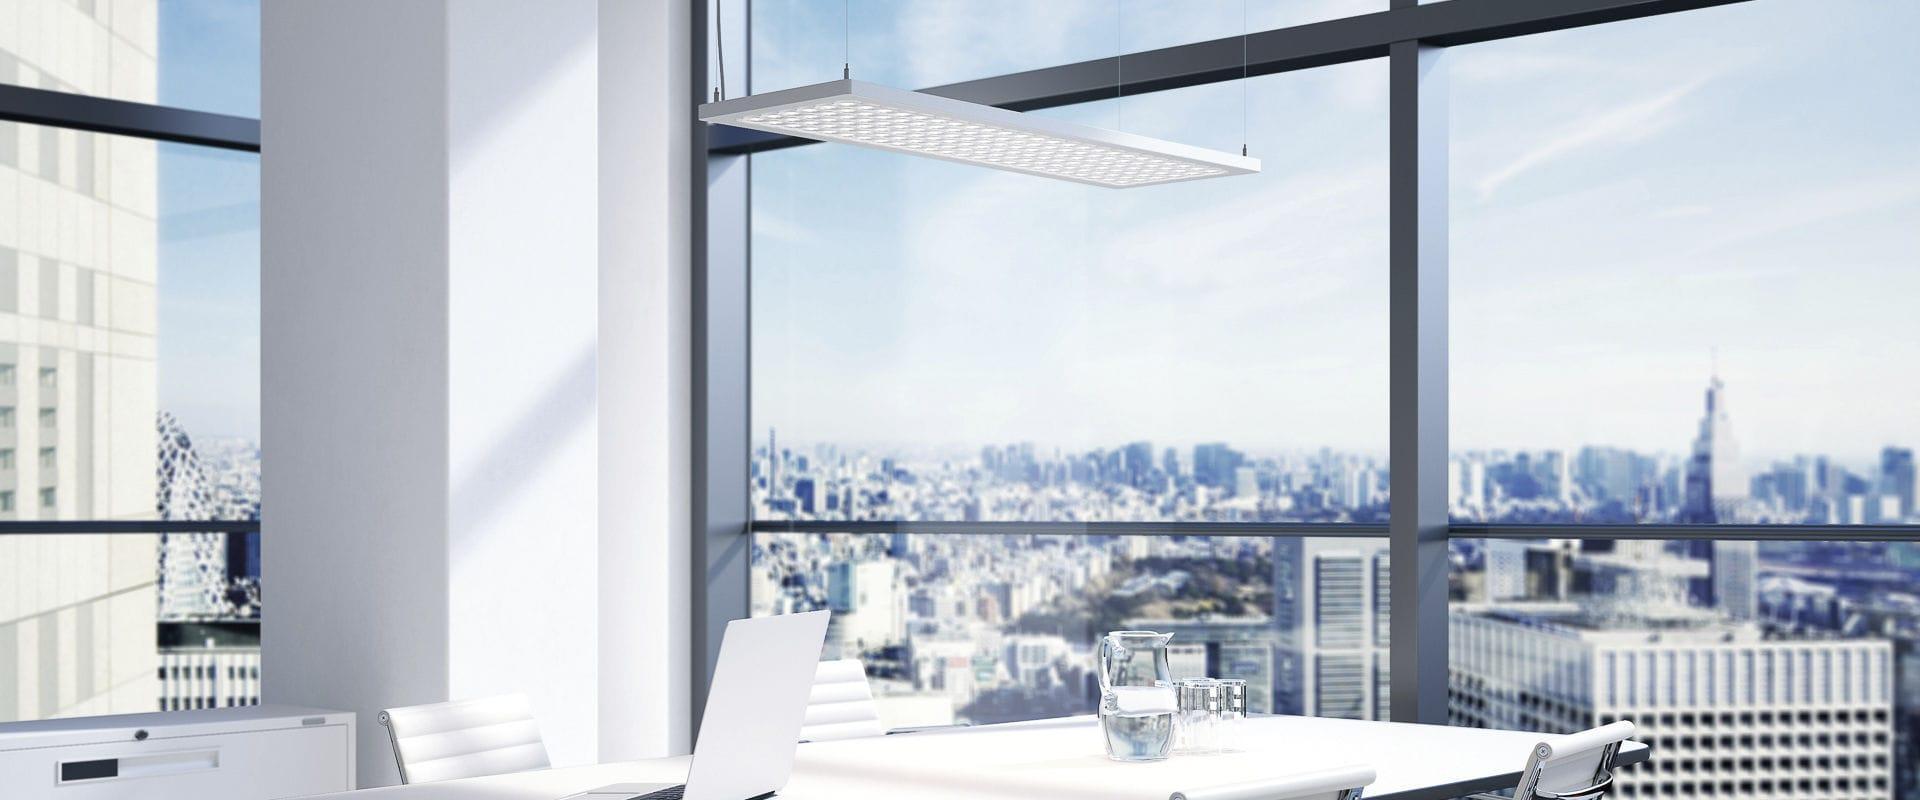 luminaire suspendu  apparent  encastrable au plafond  à